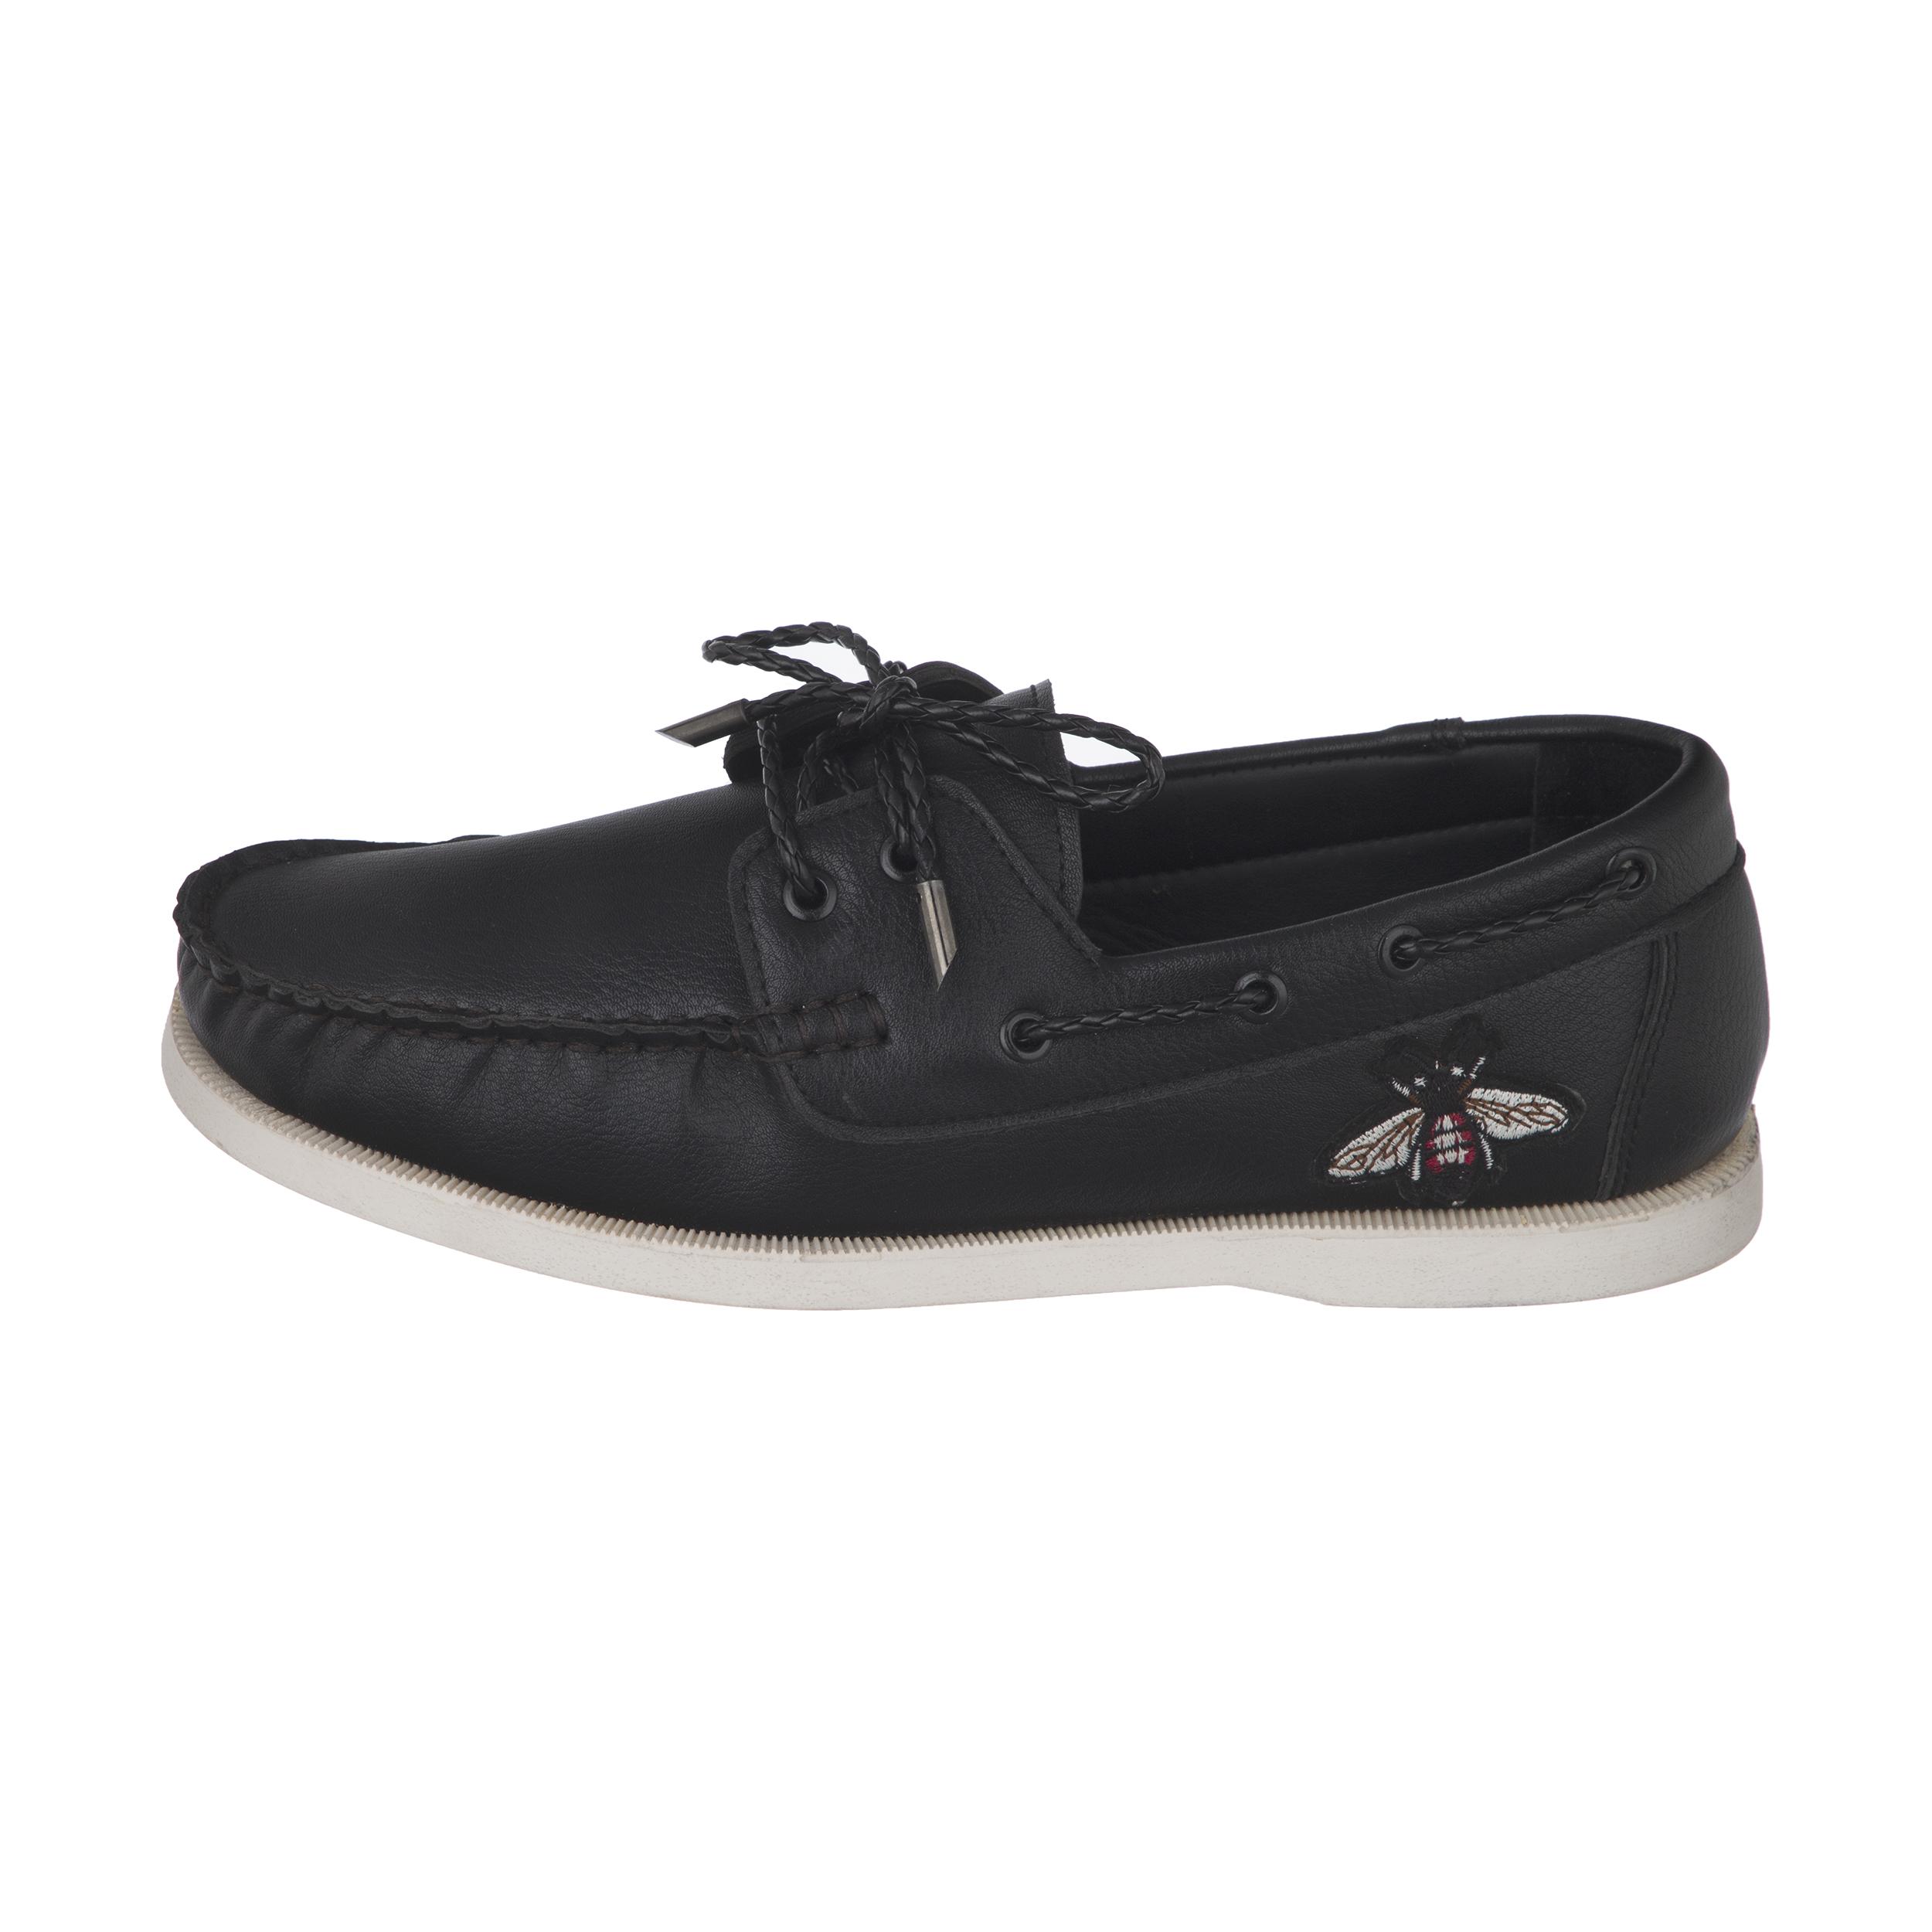 کفش روزمره مردانه ادورا مدل 0524076